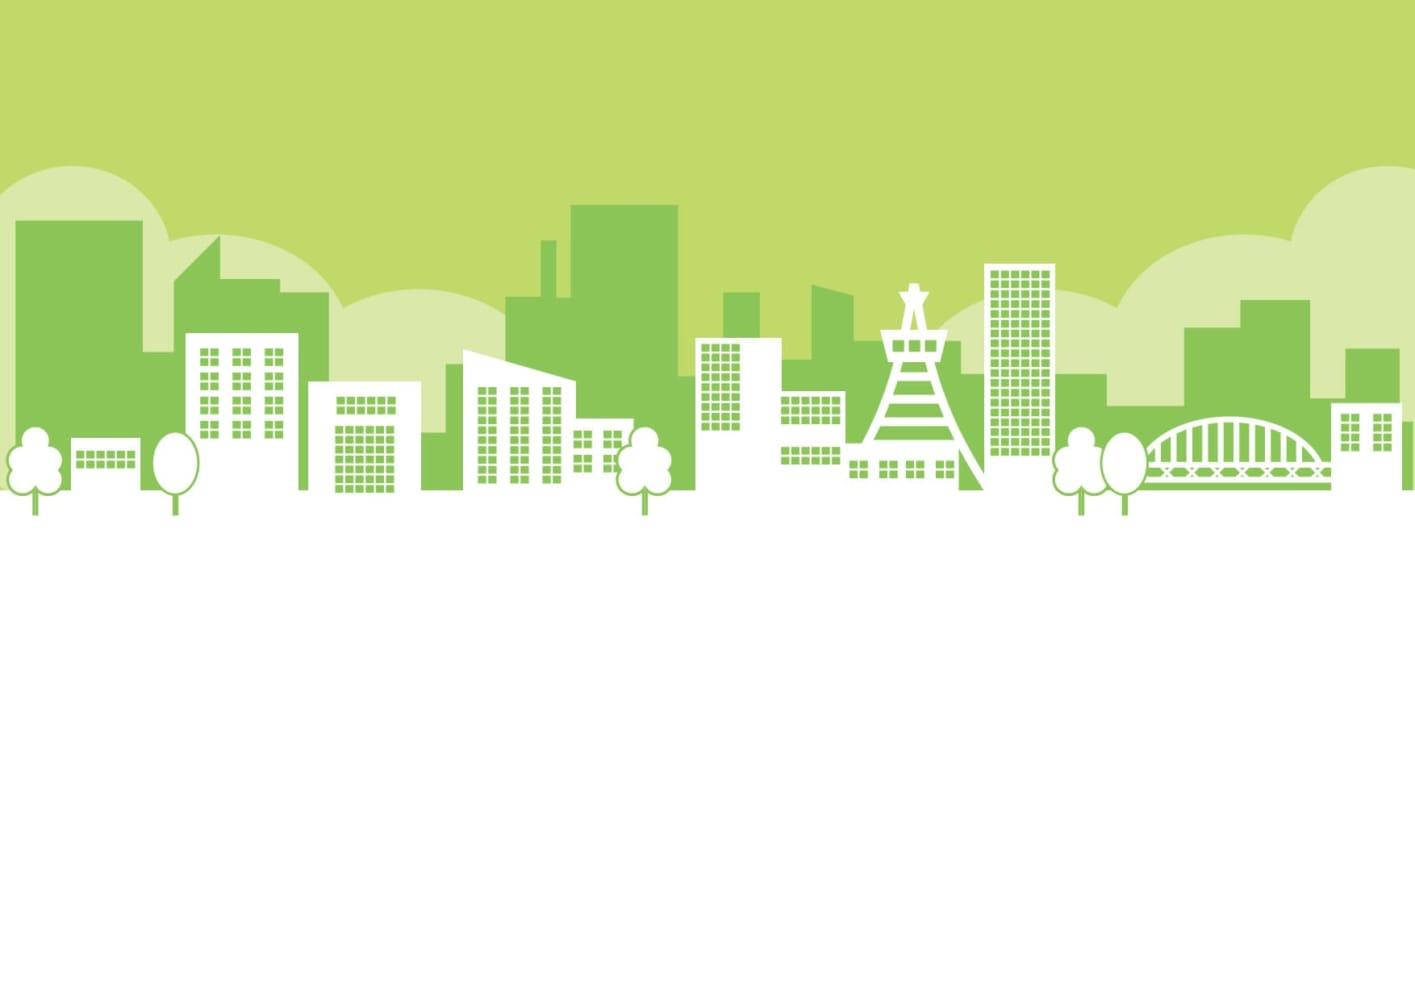 街並み 緑色 イラスト 無料